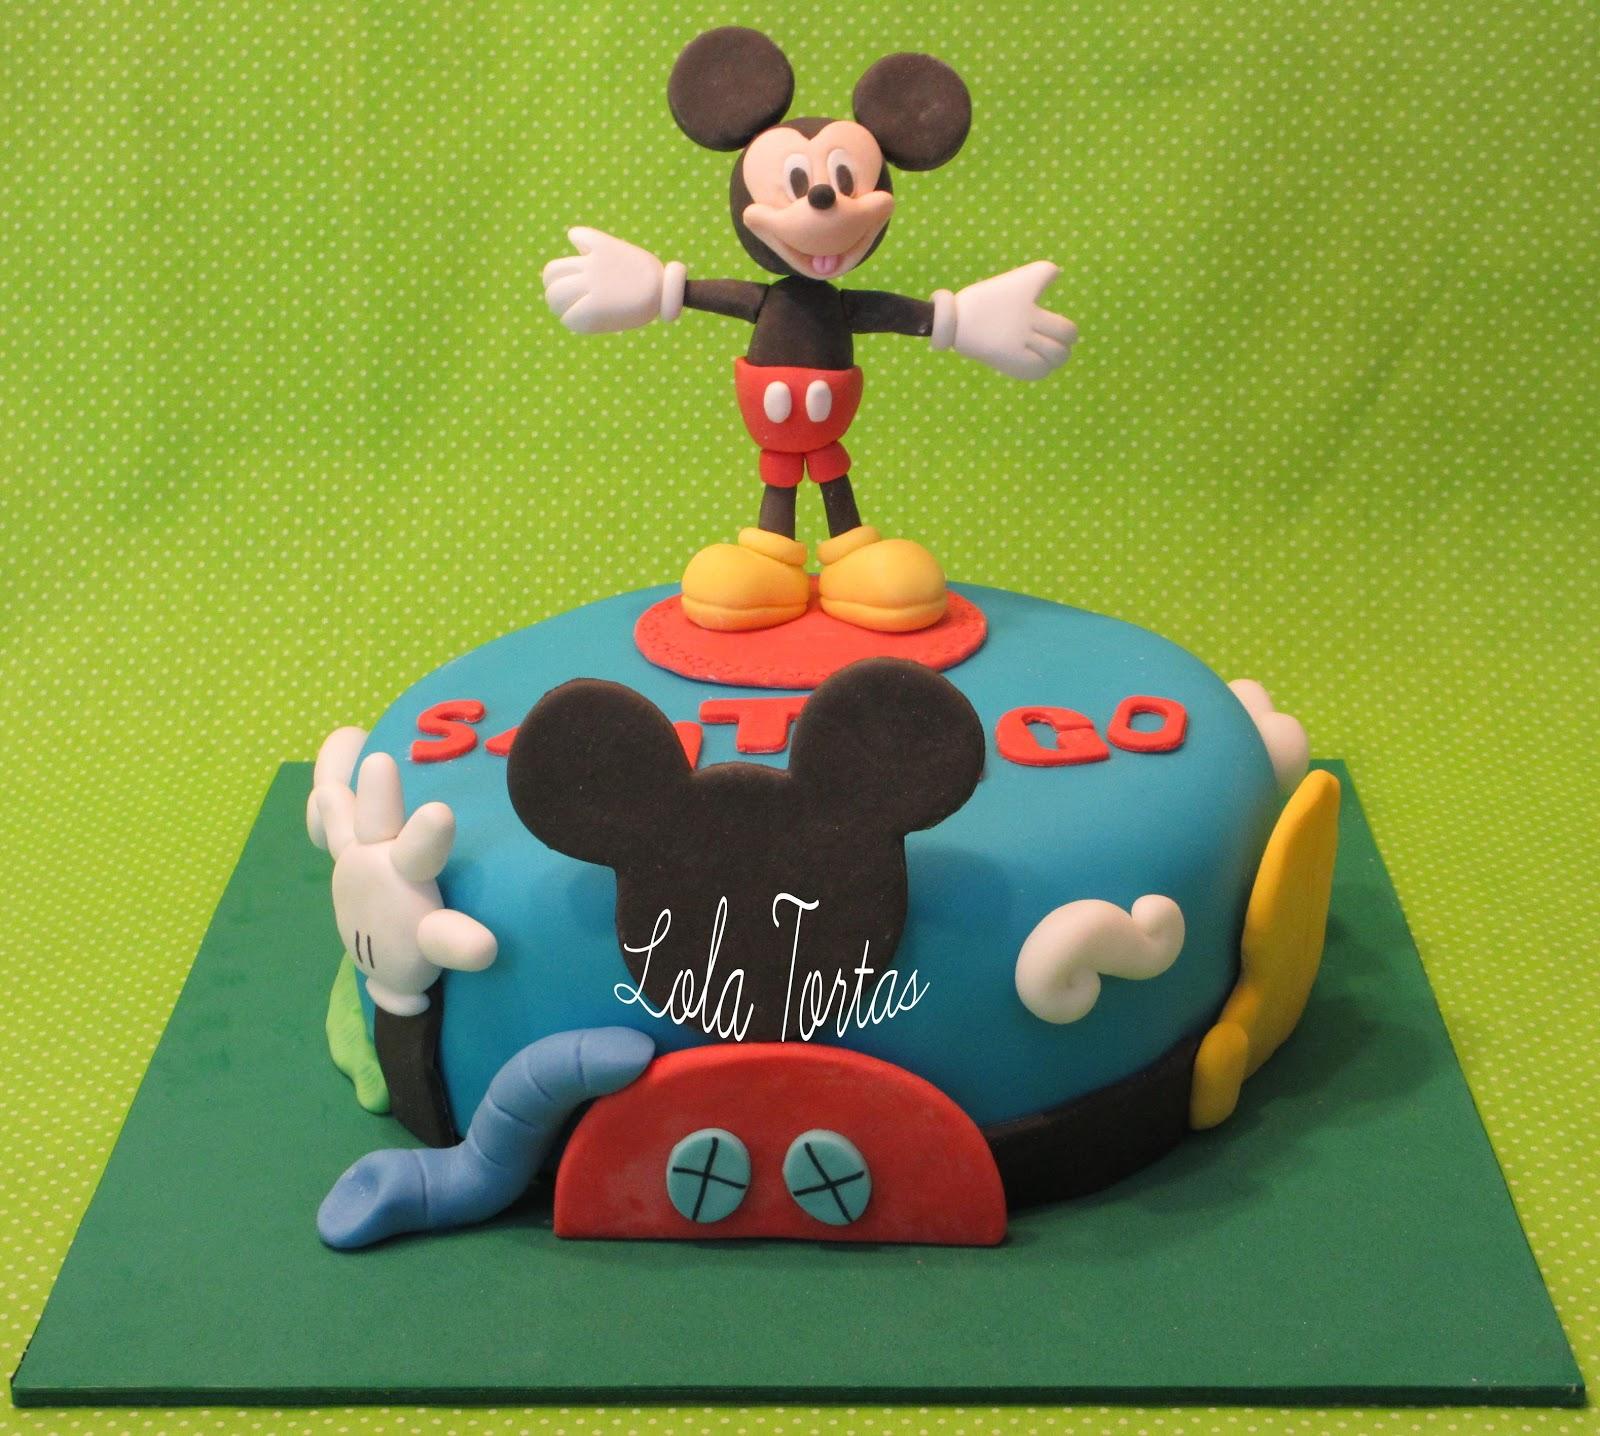 Lola Tortas: Torta Mickey Mouse Playhouse